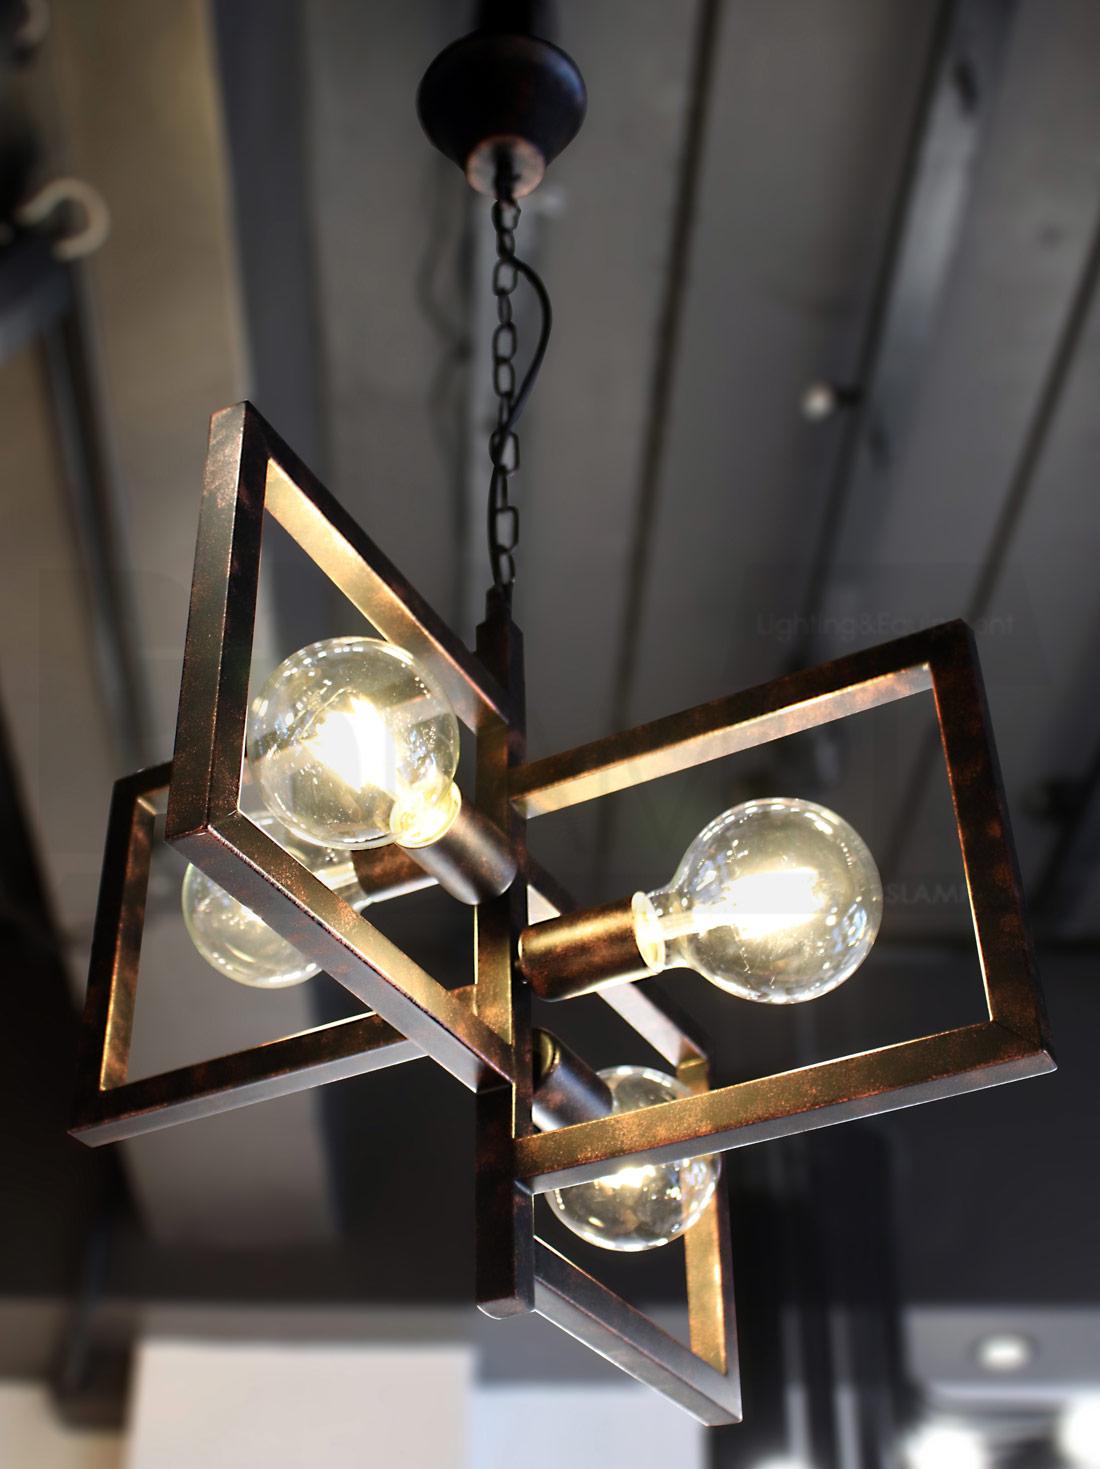 โคมไฟห้อย โคมไฟแขวน ร้านโคมไฟ ร้านขายโคมไฟ ORESA-RT